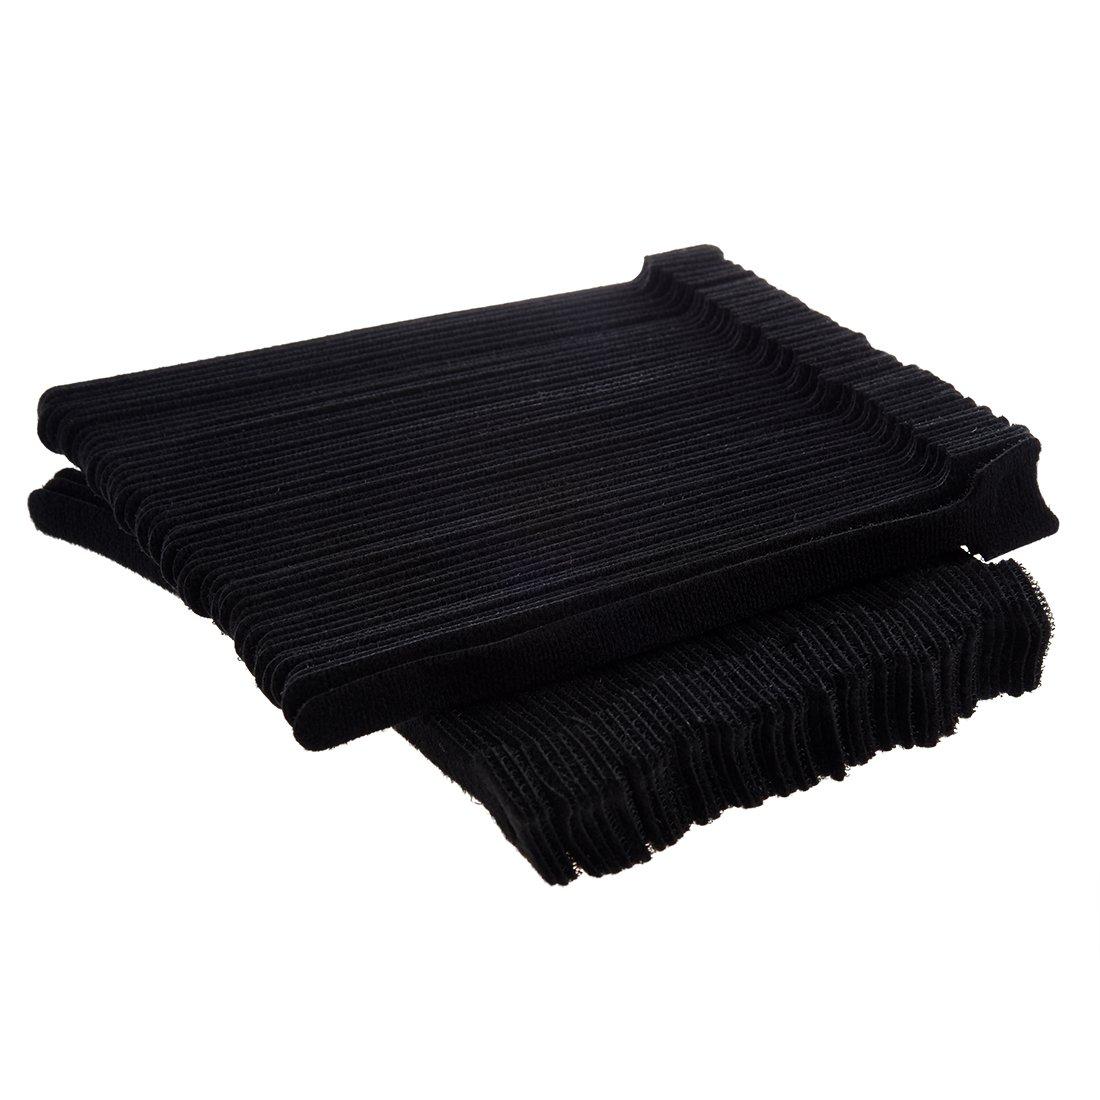 Correa de velcro - TOOGOO(R)100 pcs conjunto de correa de velcro de nylon adhesivo y reutilizable